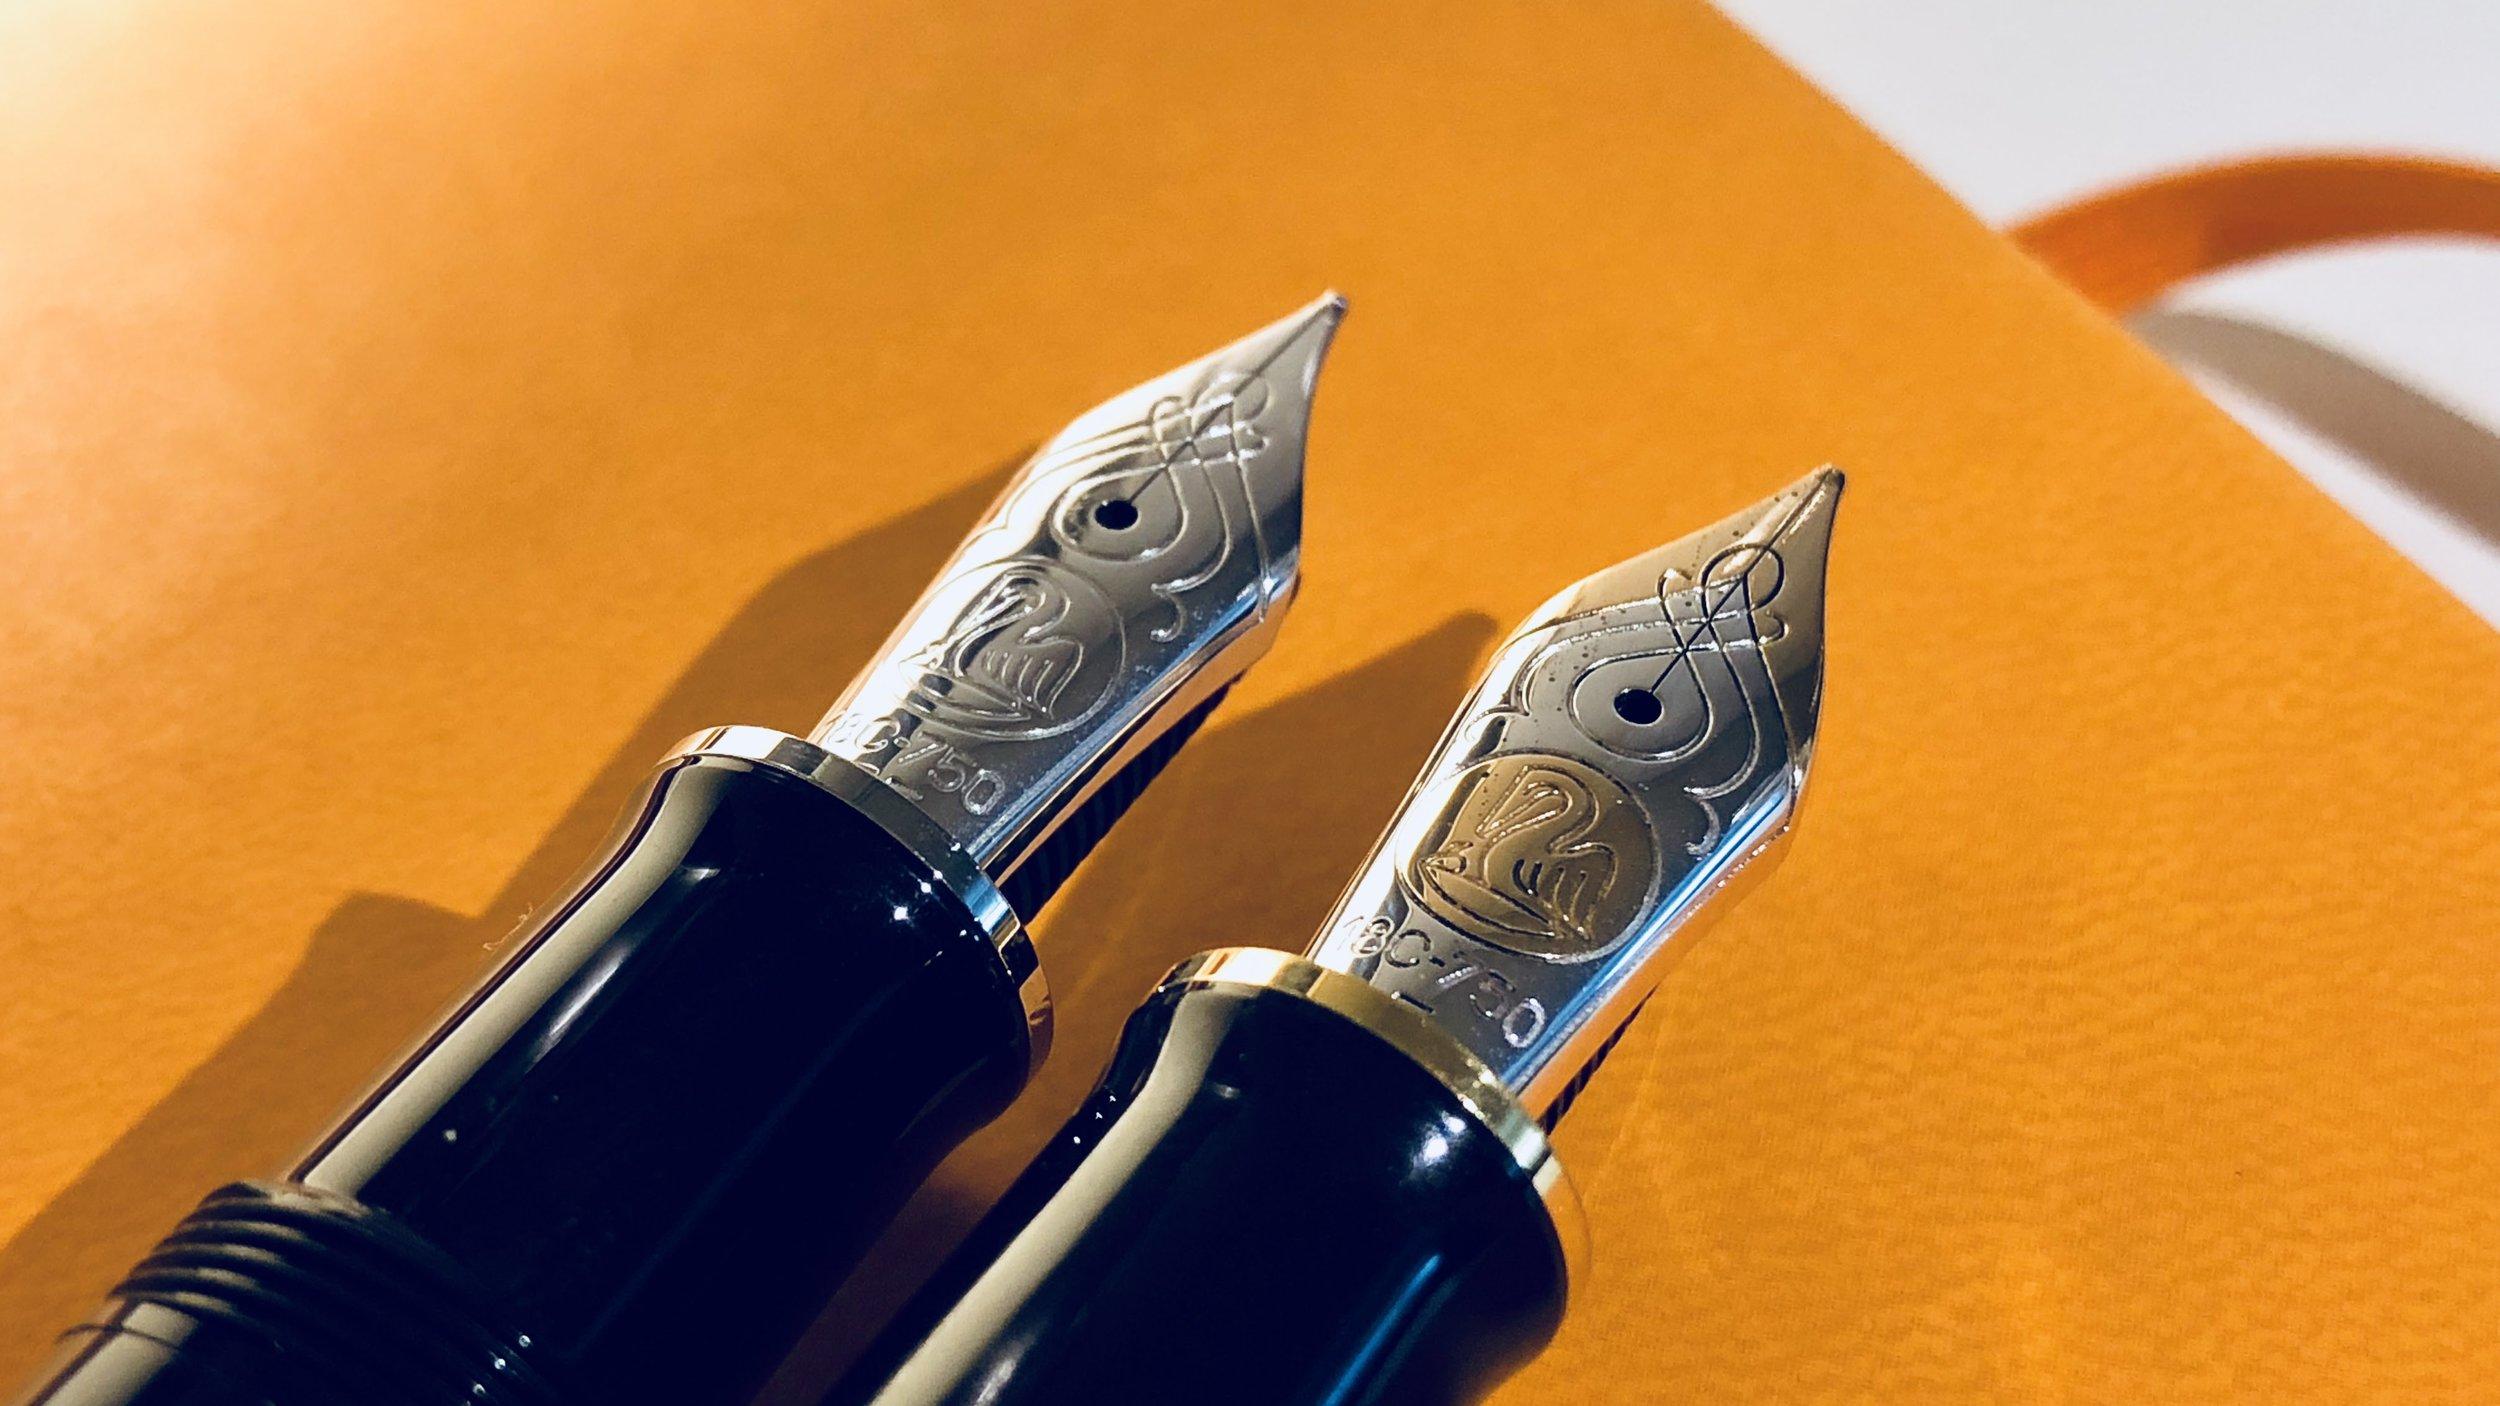 left: Pelikan M805 nib; right: Pelikan M800 nib